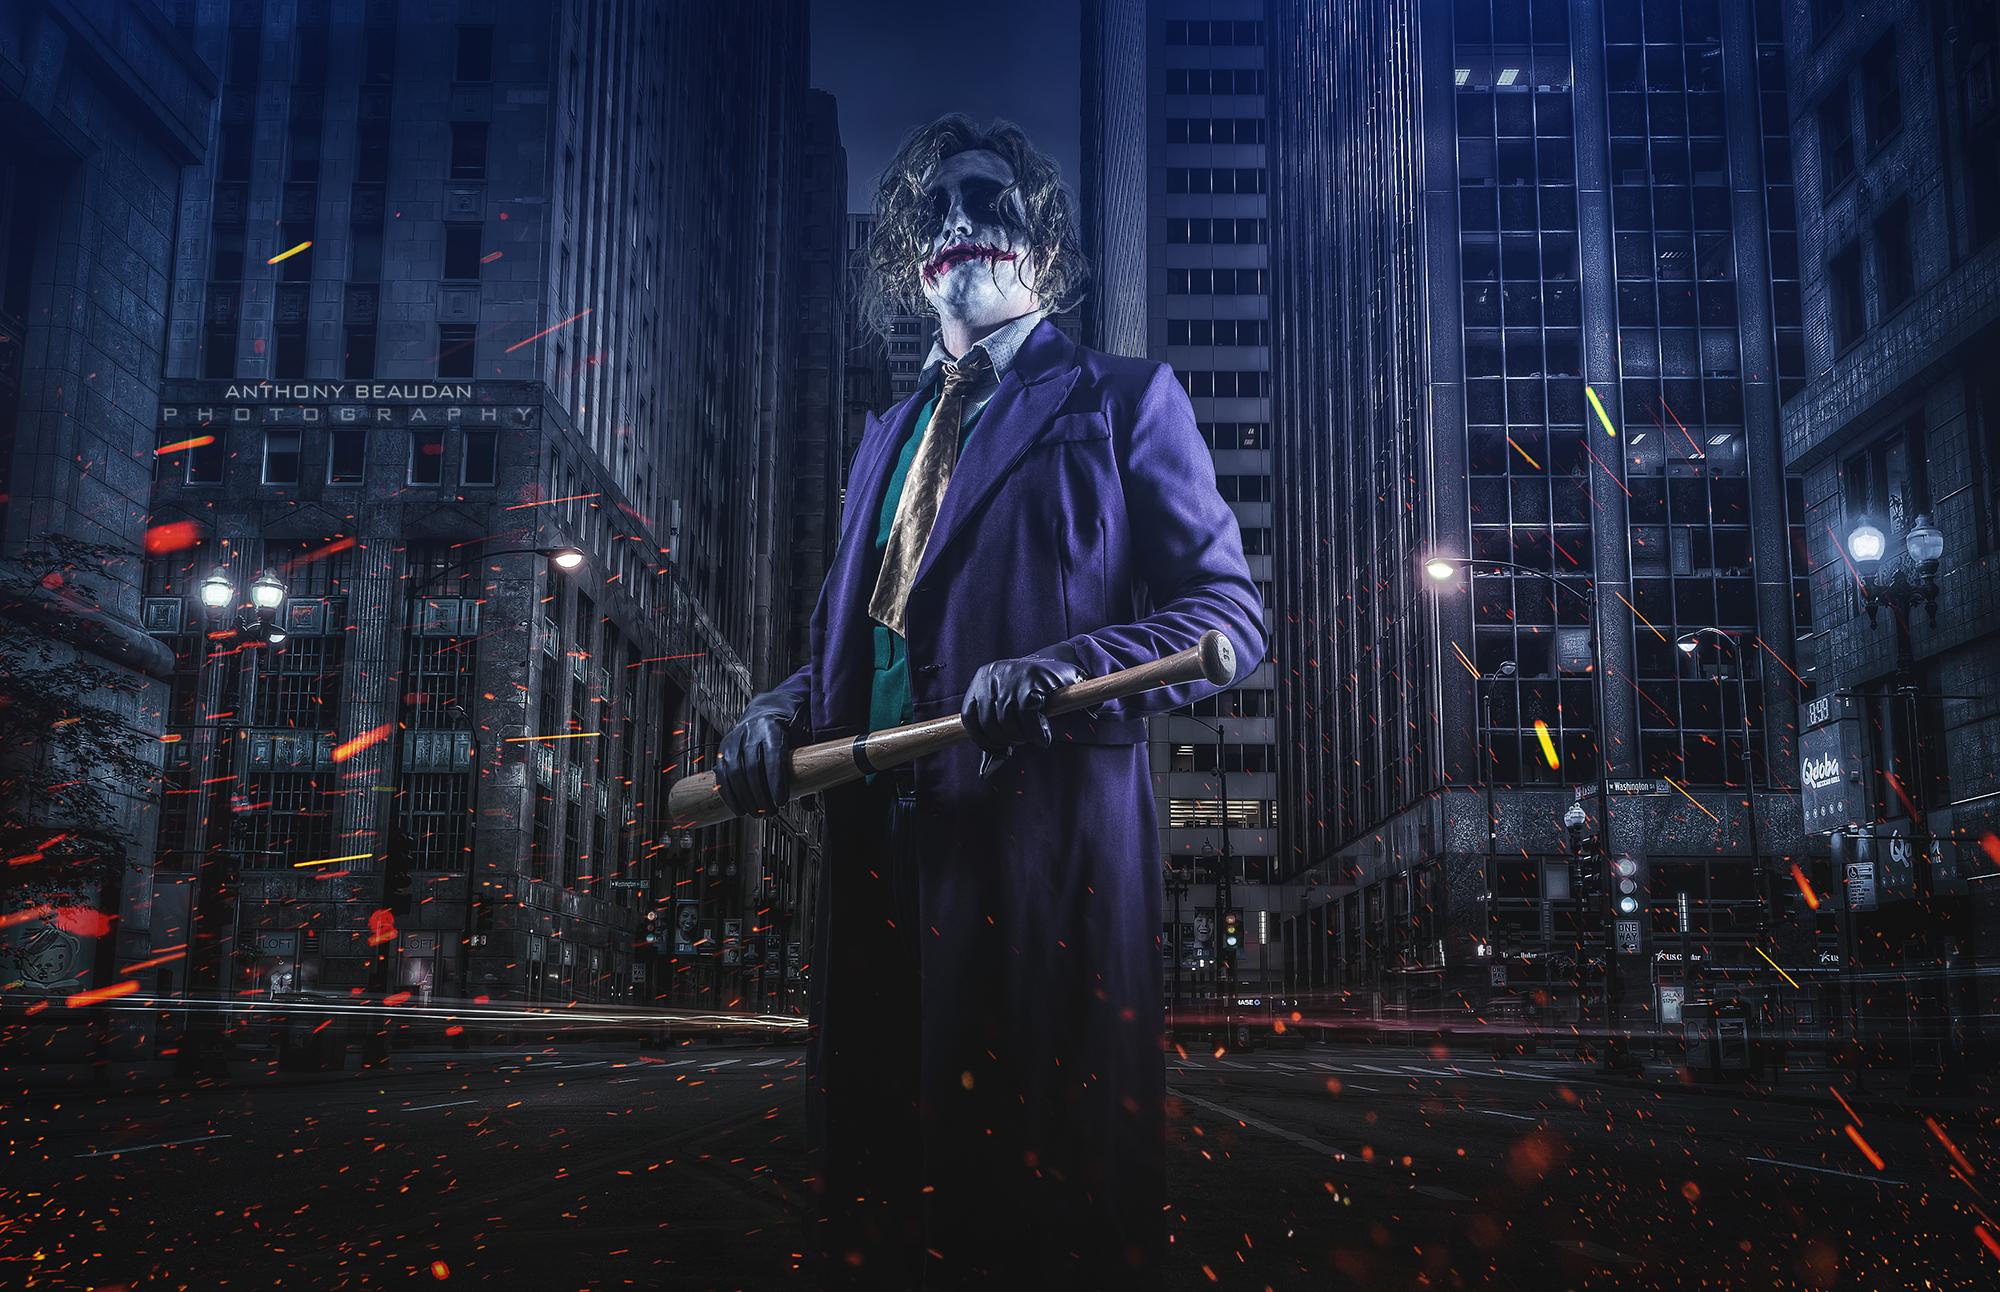 Бэтмен герои комиксов Джокер  № 3922428 загрузить